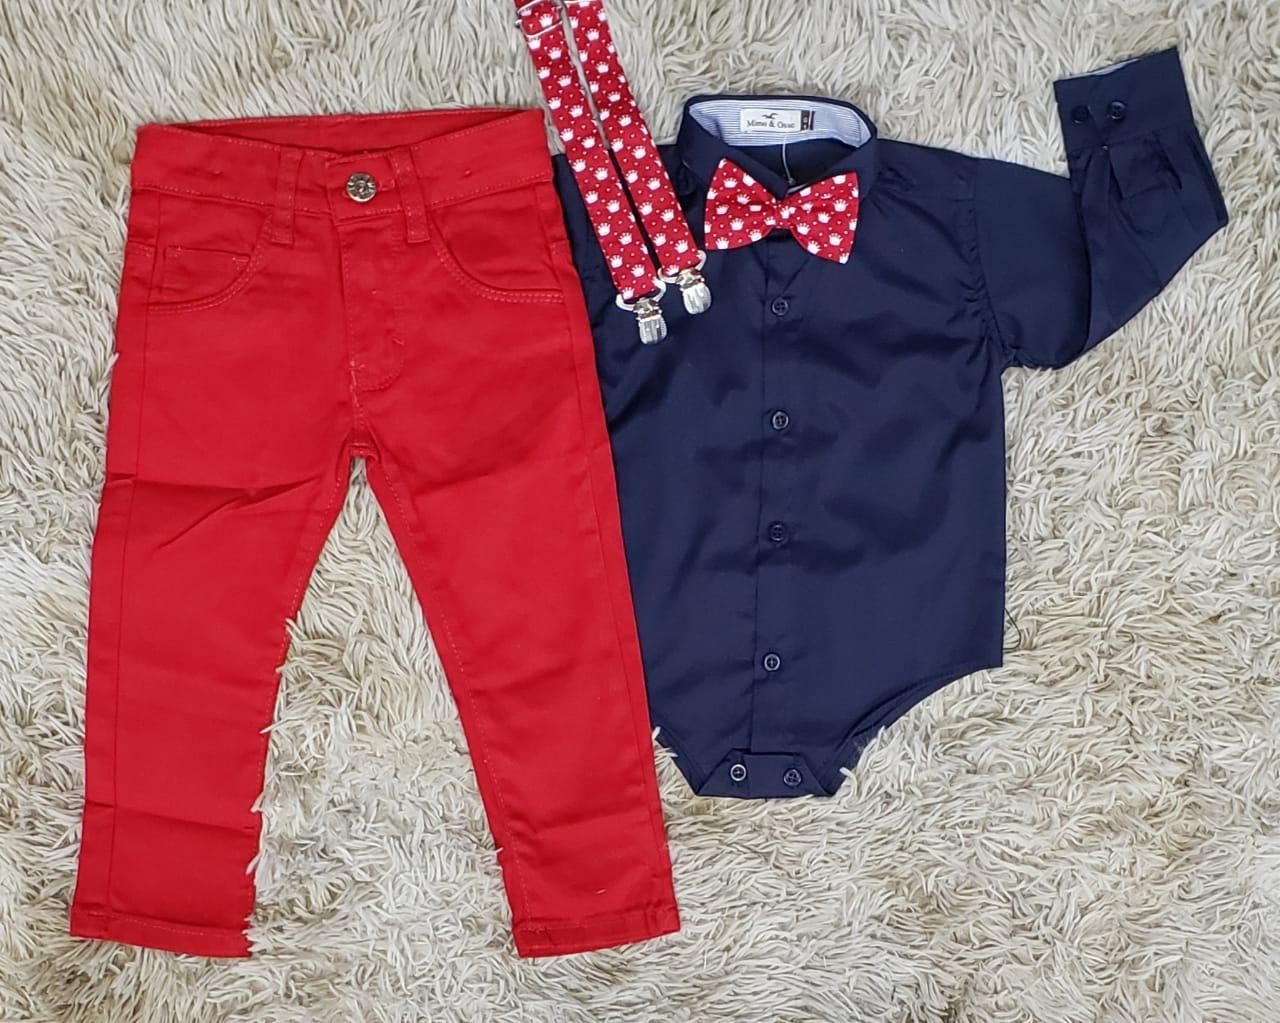 Calça Jeans Vermelha e Body Social com Suspensório e Gravata Coroa